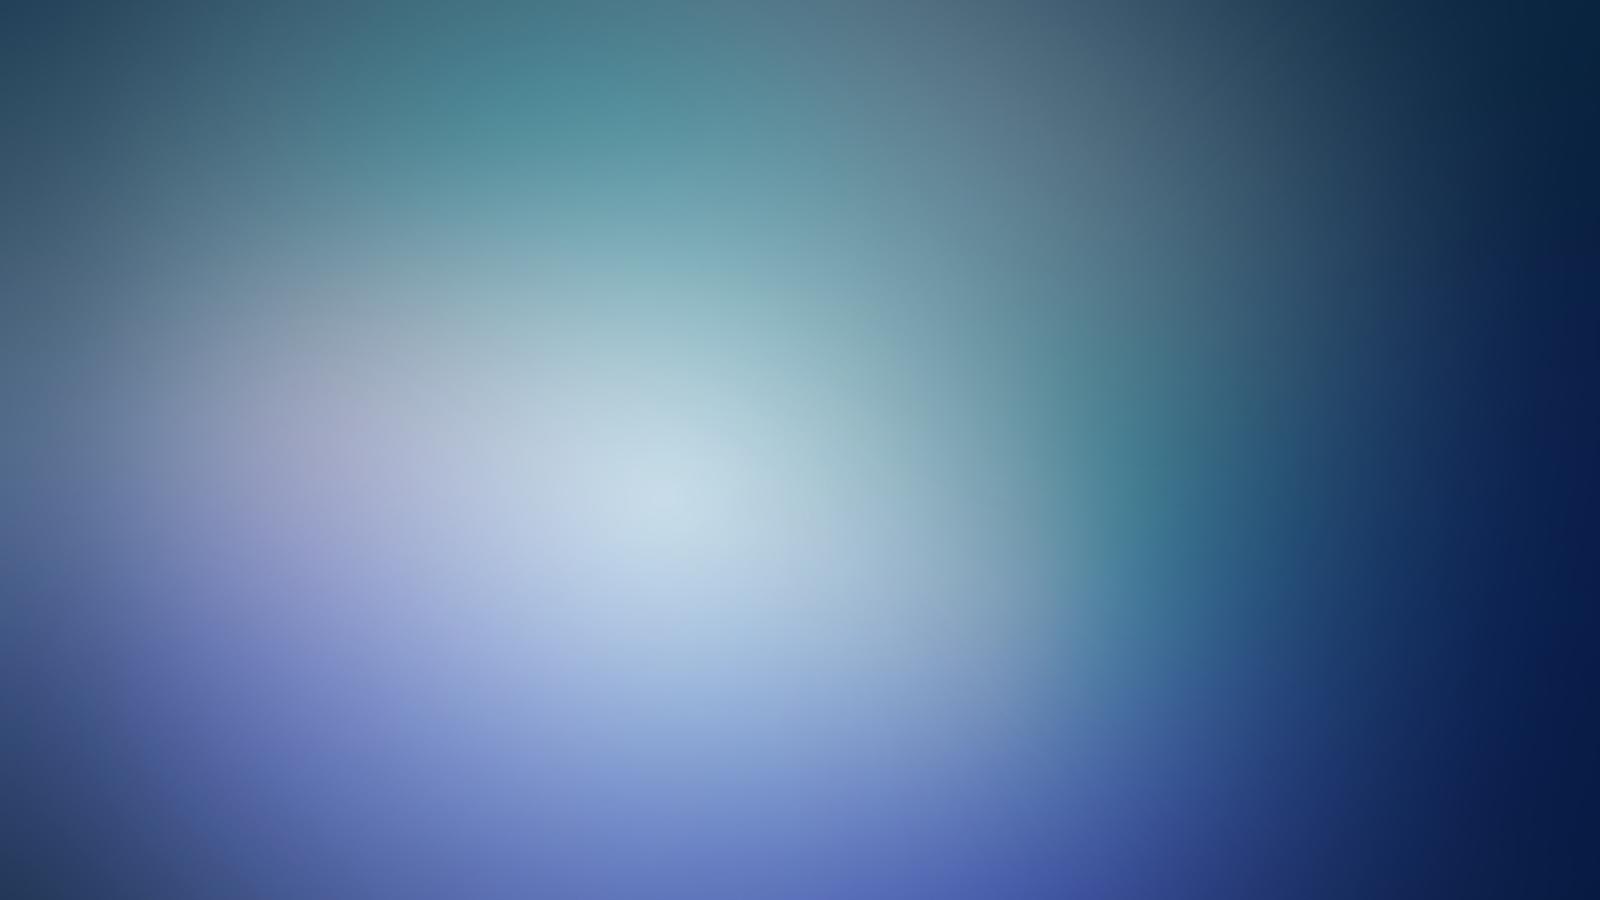 Blue minimalistic blurry gaussian blur (1600x900)